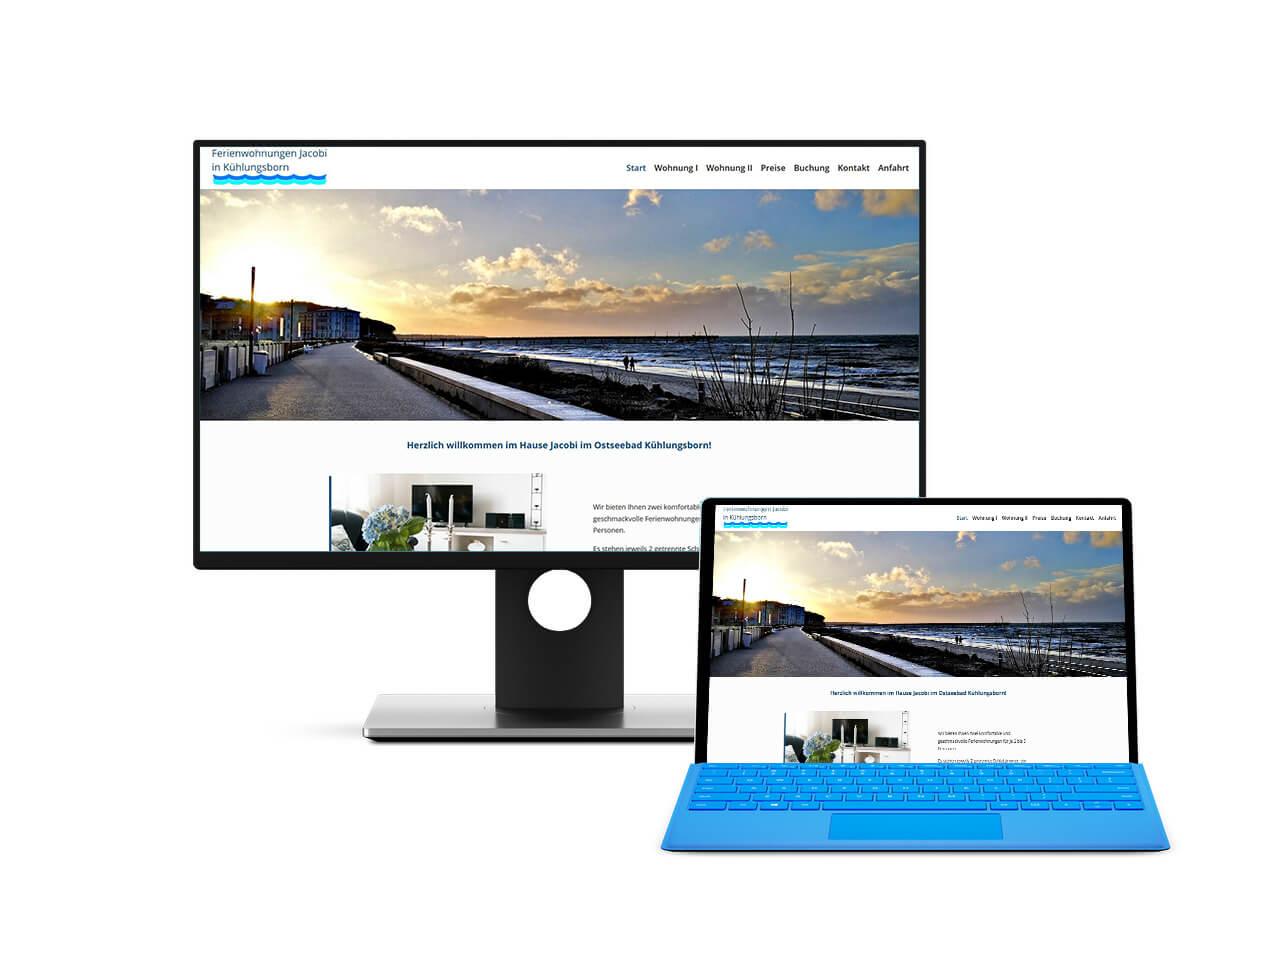 Webdesign Hechthausen zeigt einen Screenshot einer erstellen Website für eine Ferienwohnung